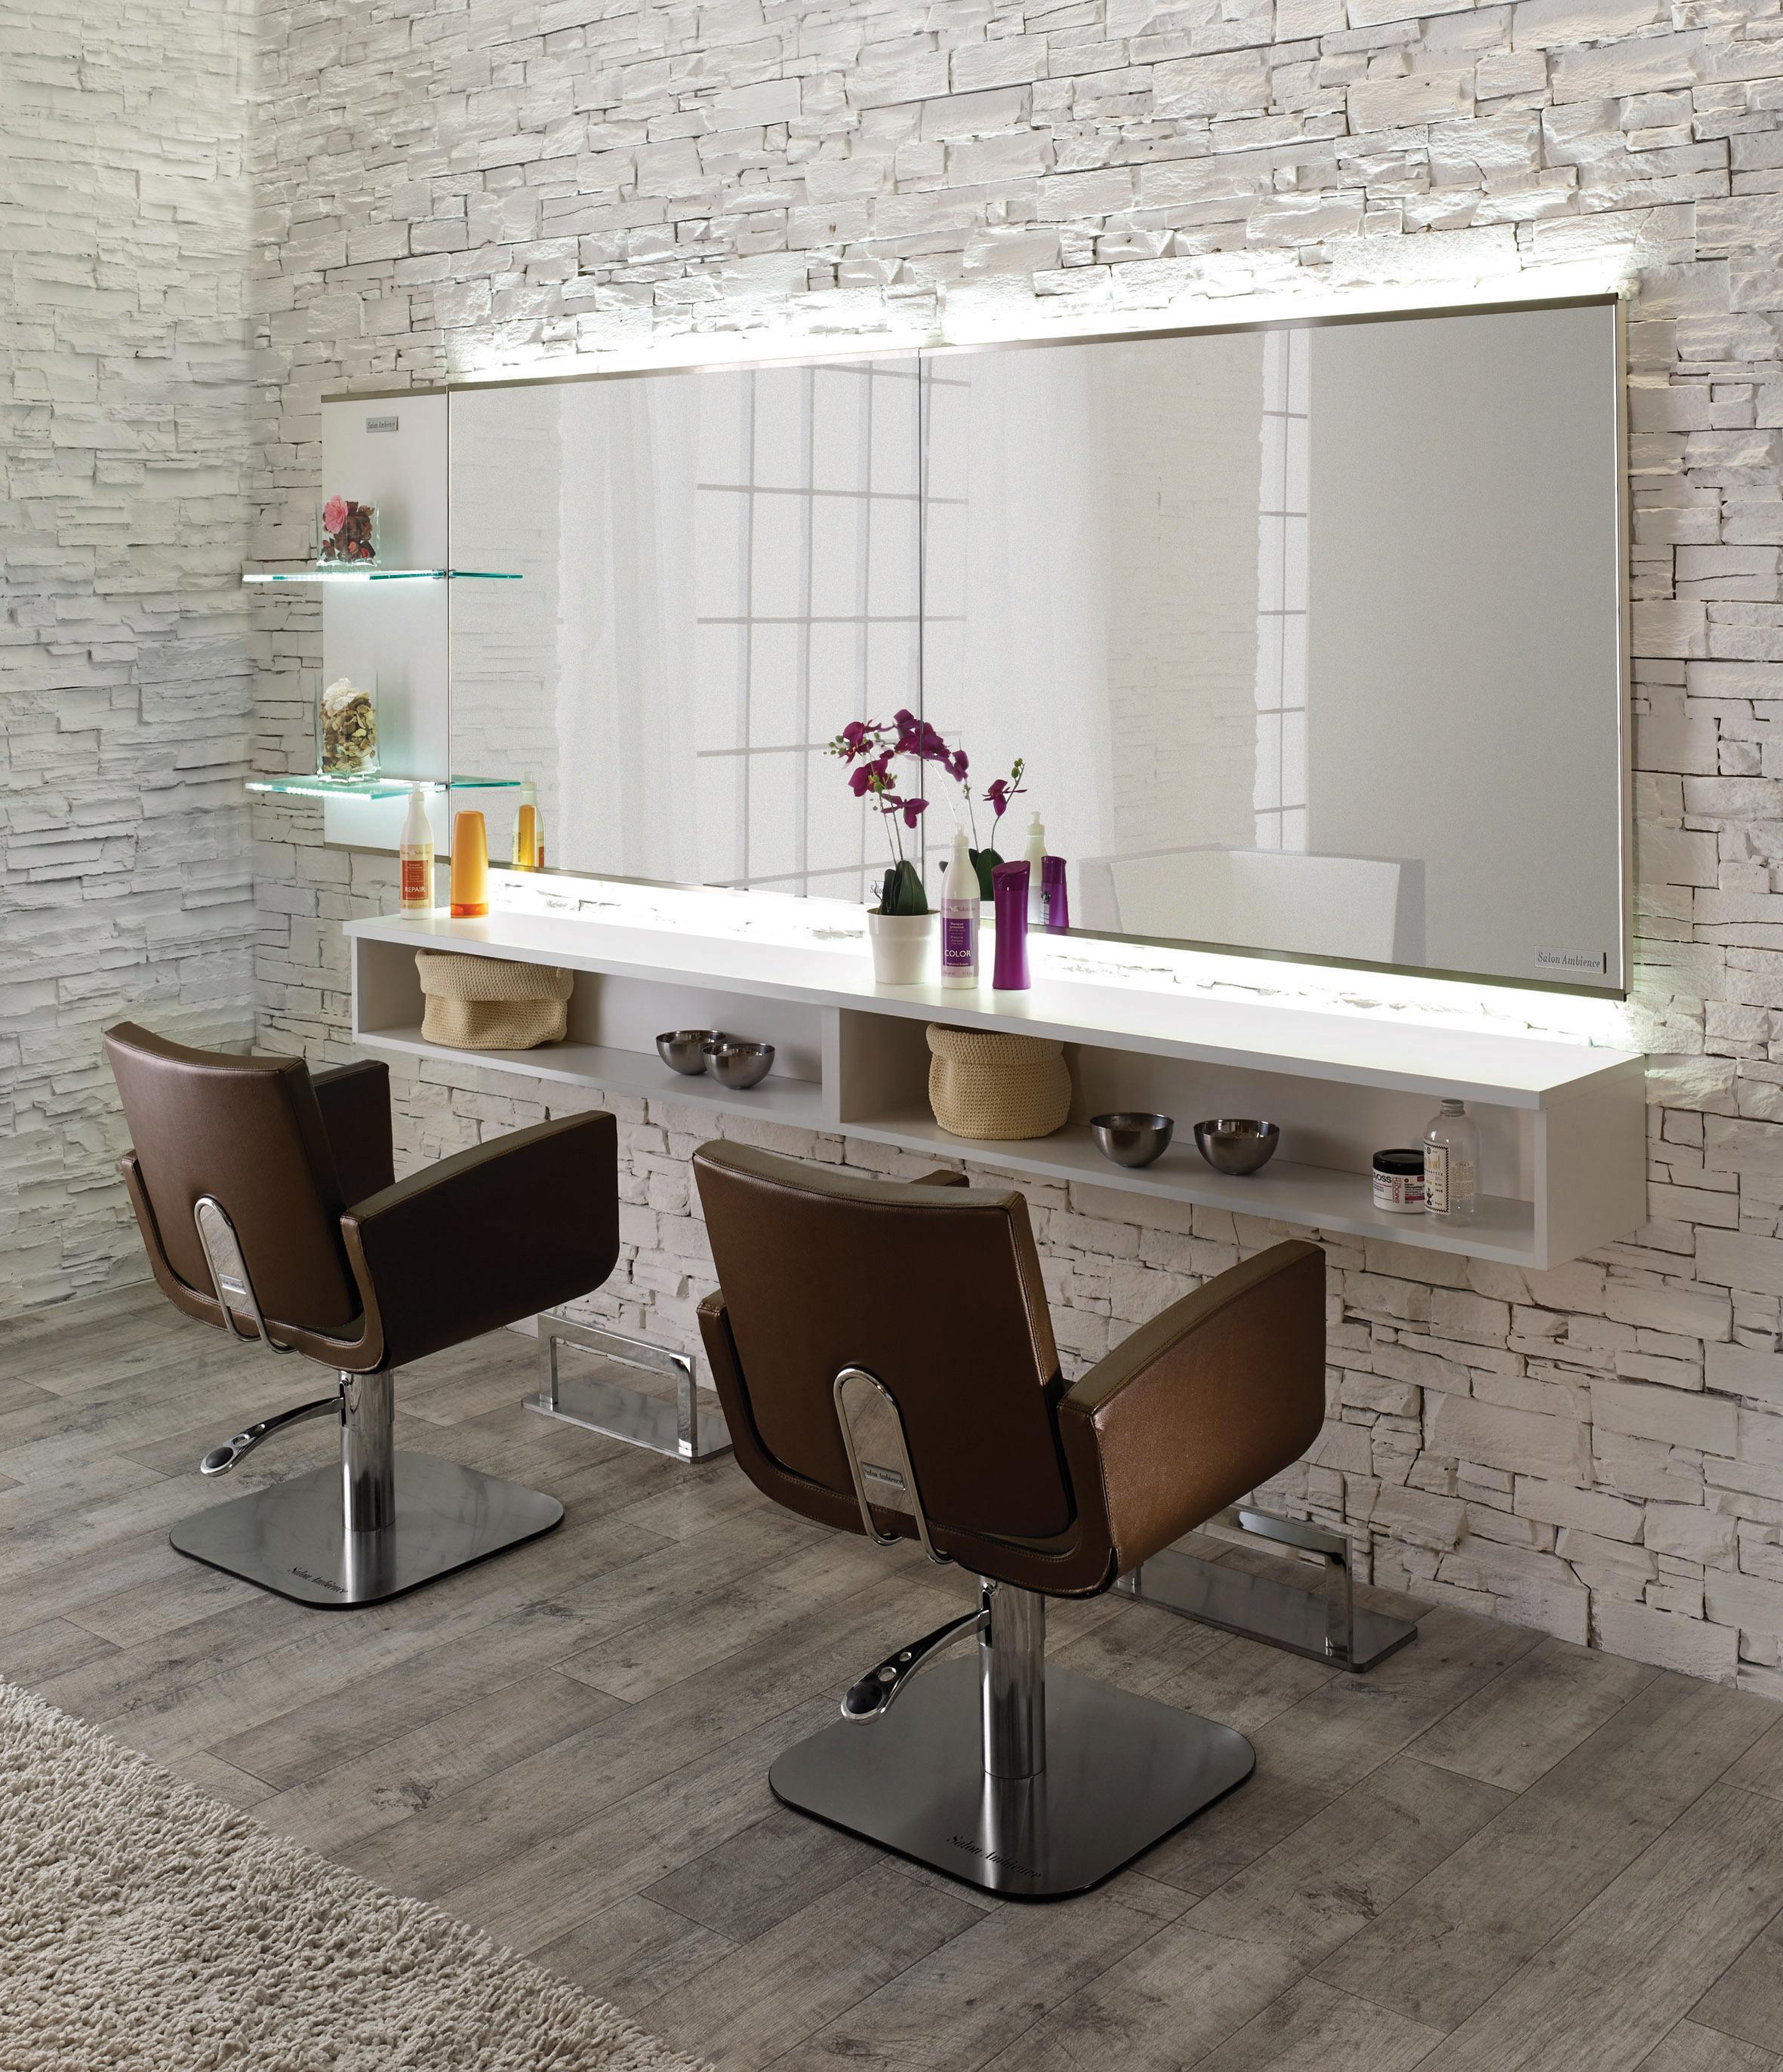 Salon-spiegel-designs Élargissez votre horizon avec cet élégant poste de coiffage un